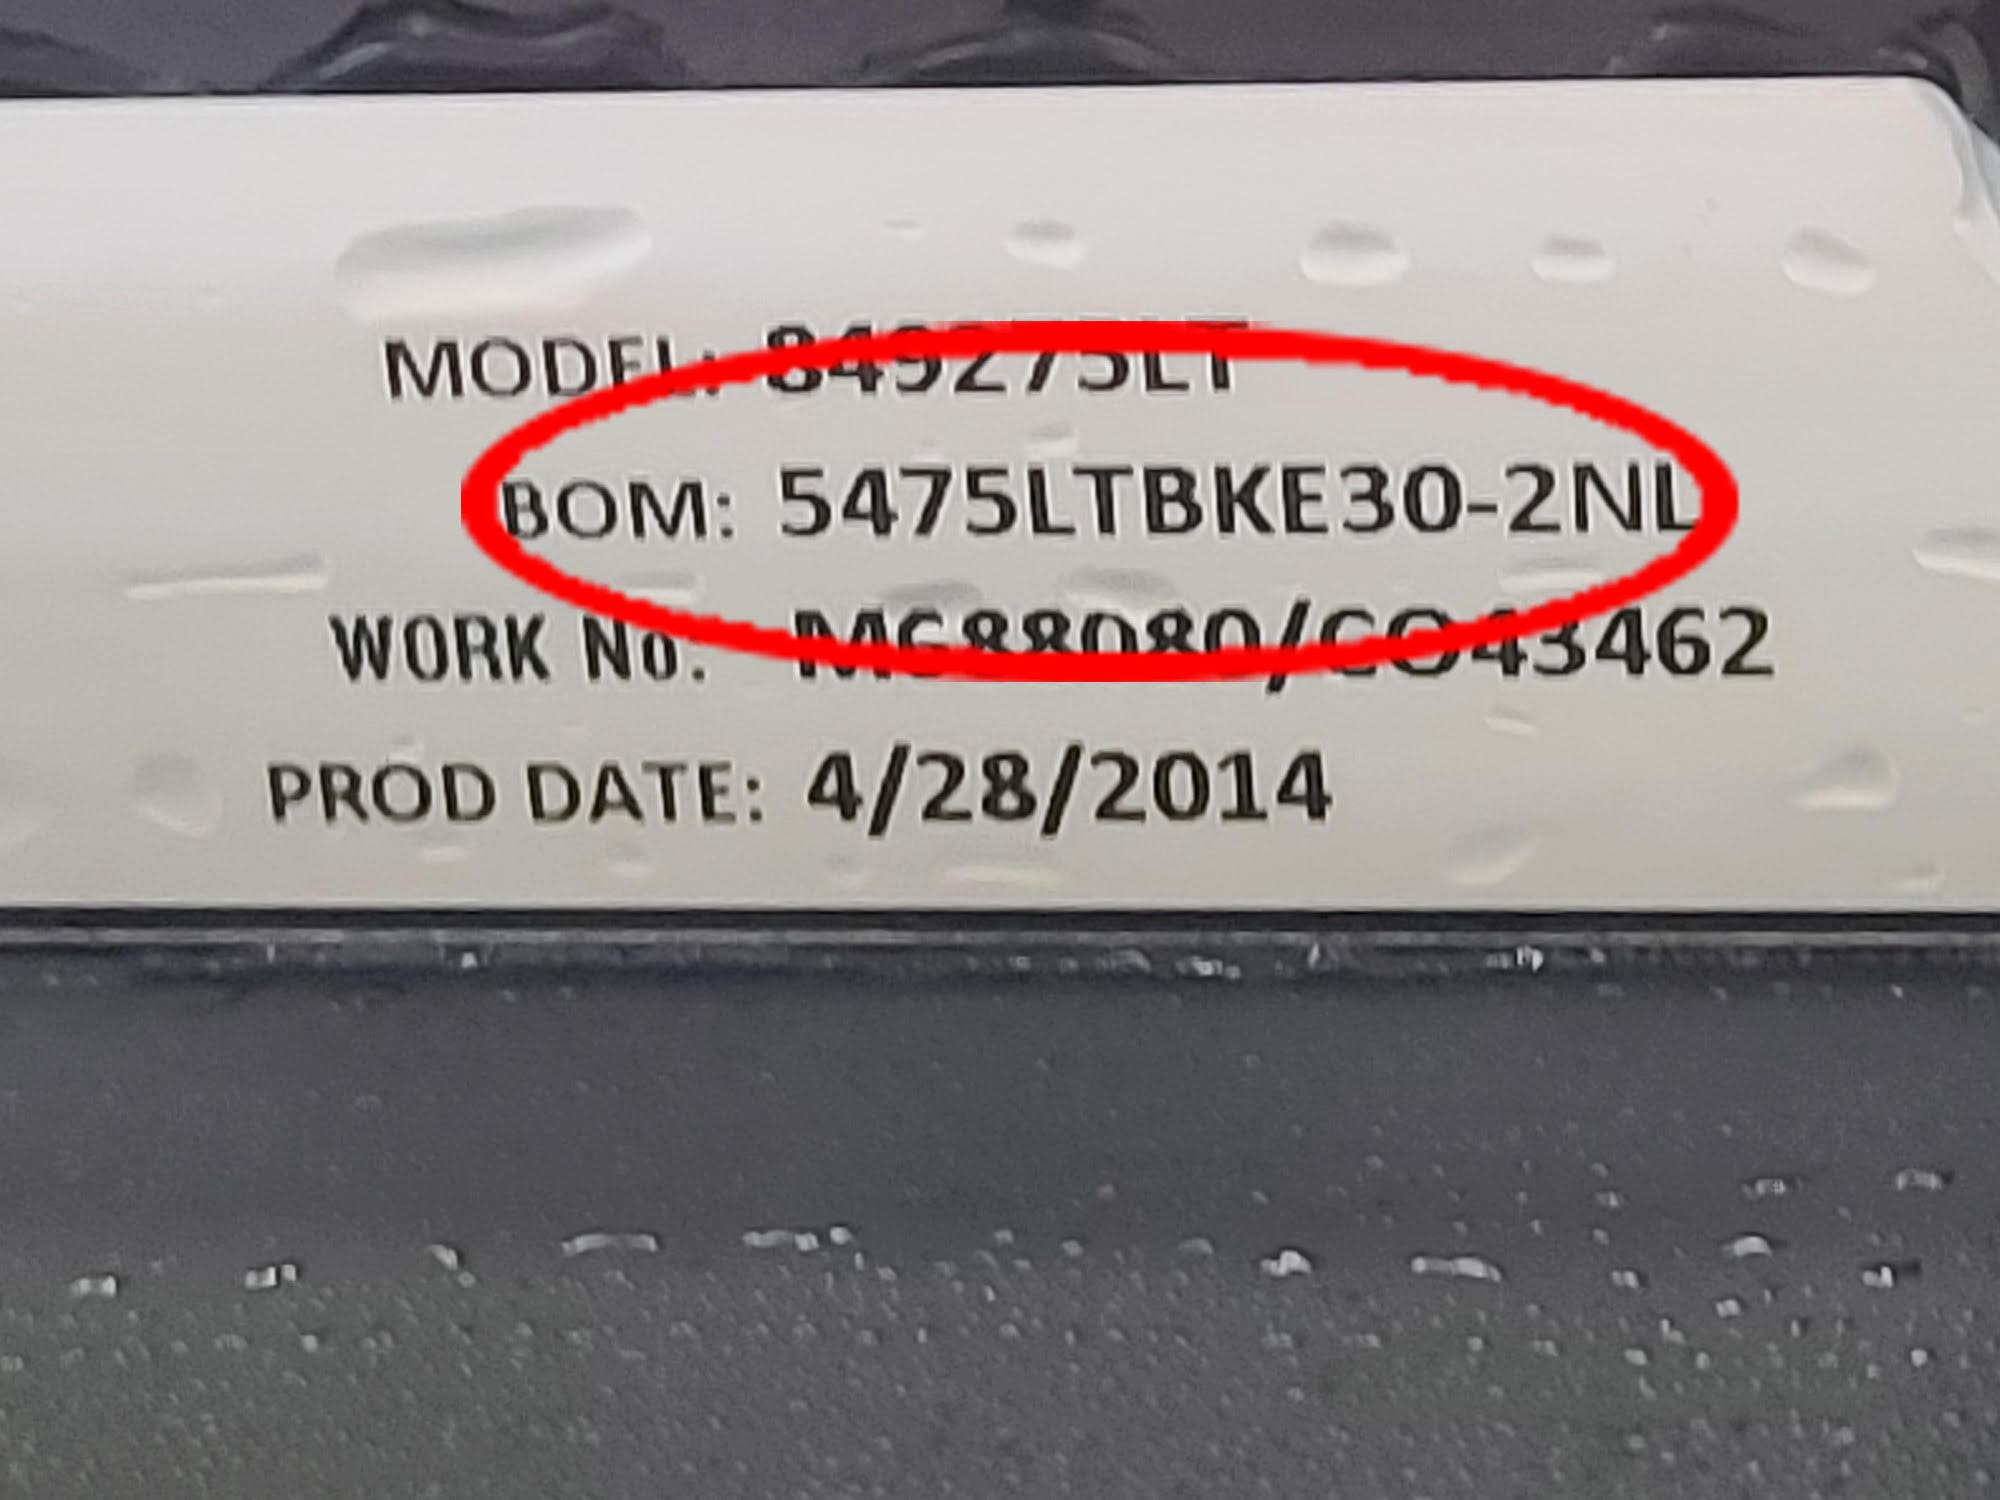 gemtron-data-plate.jpg